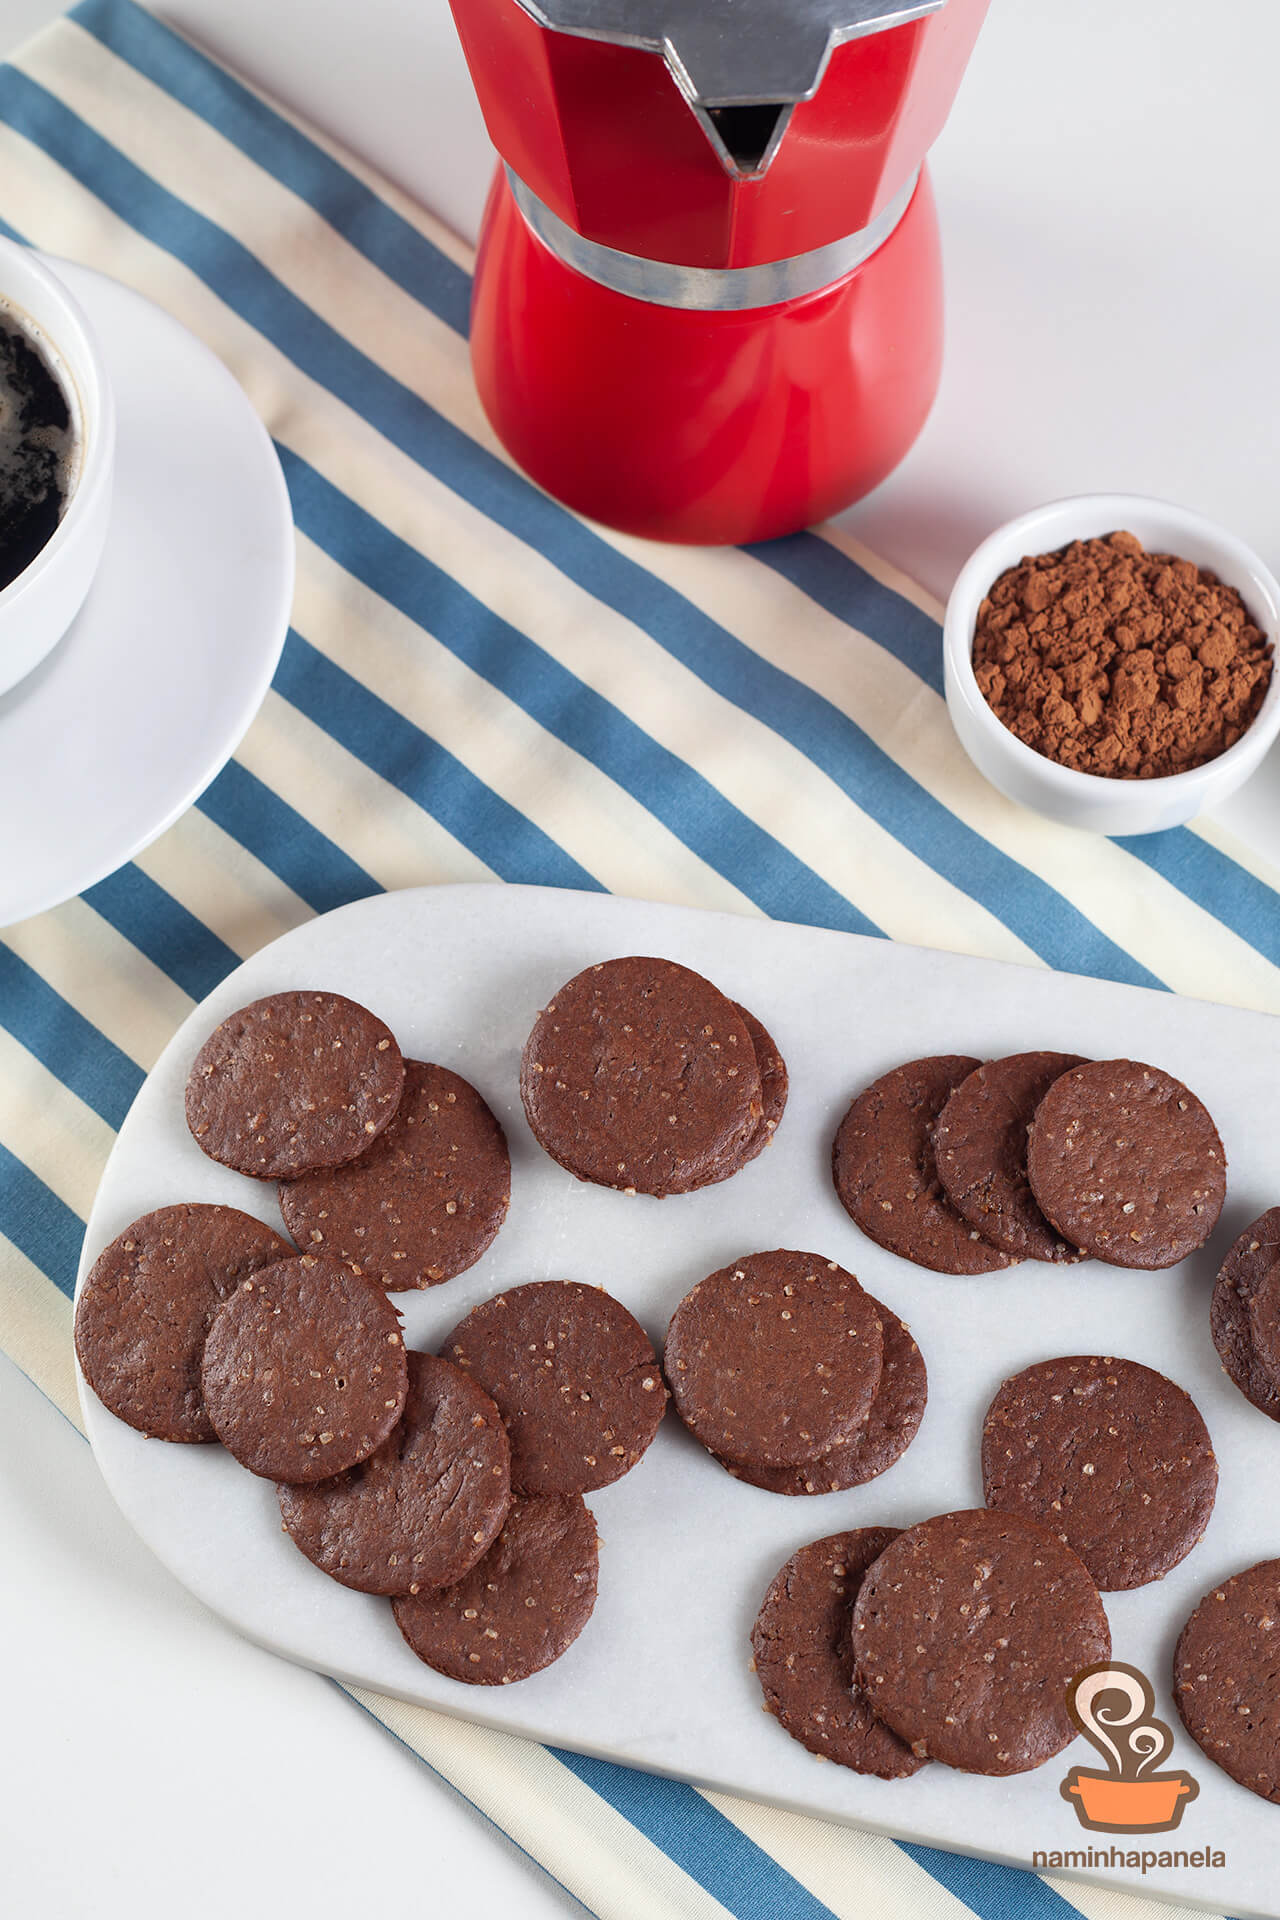 Biscoito de chocolate fácil - naminhapanela.com